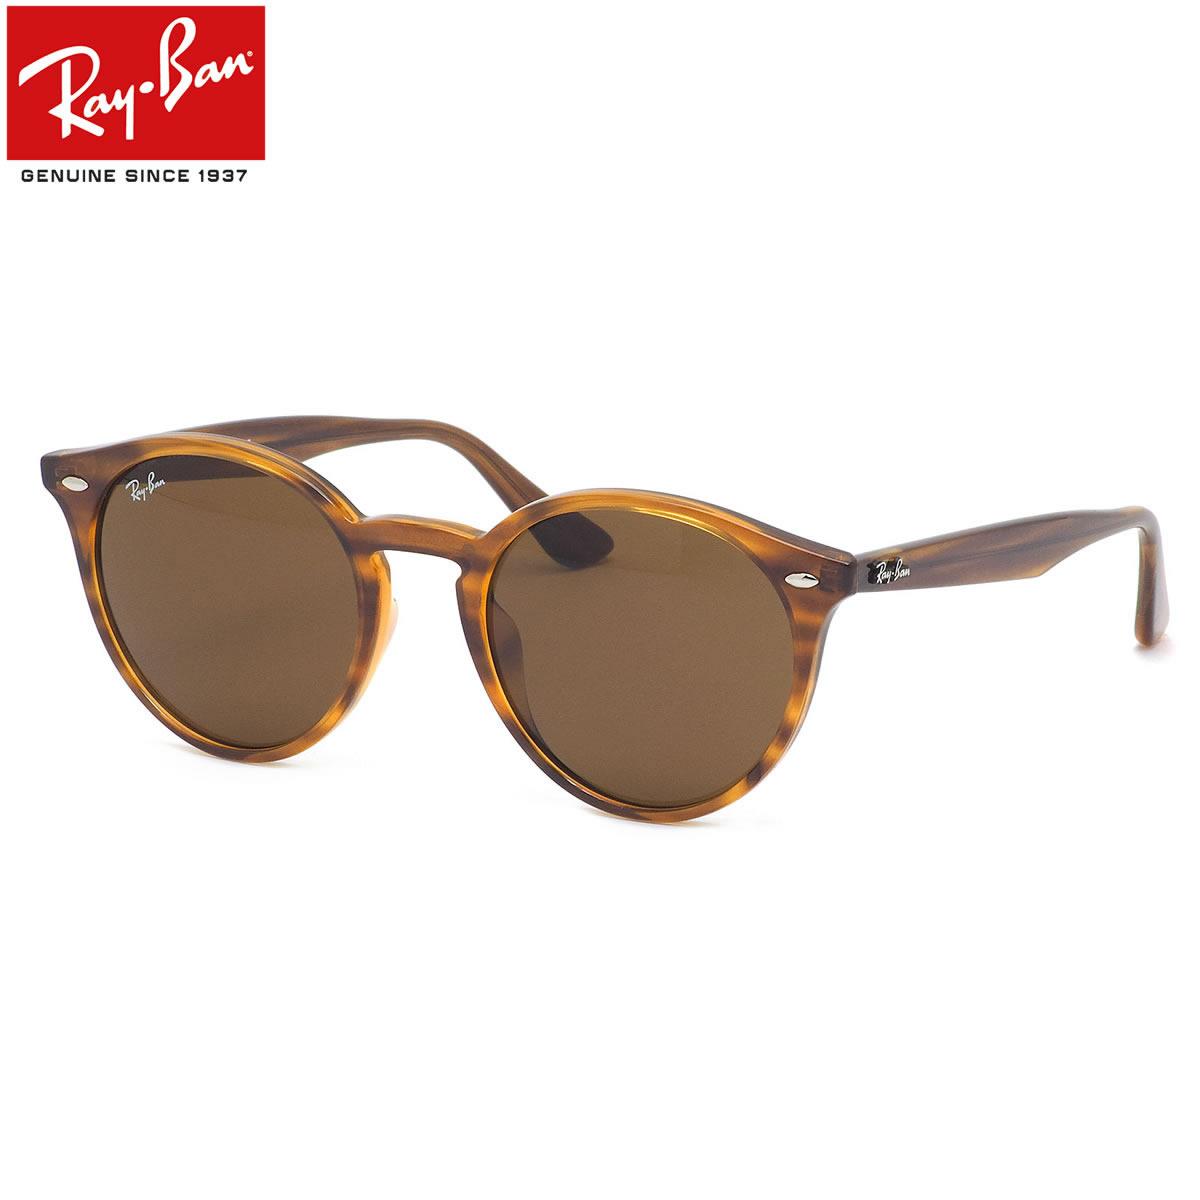 レイバン サングラス Ray-Ban RB2180F 820/73 49サイズ レディースモデル ラウンド 丸メガネ べっこう フルフィット RayBan Made In Italy ボストン ブラウン